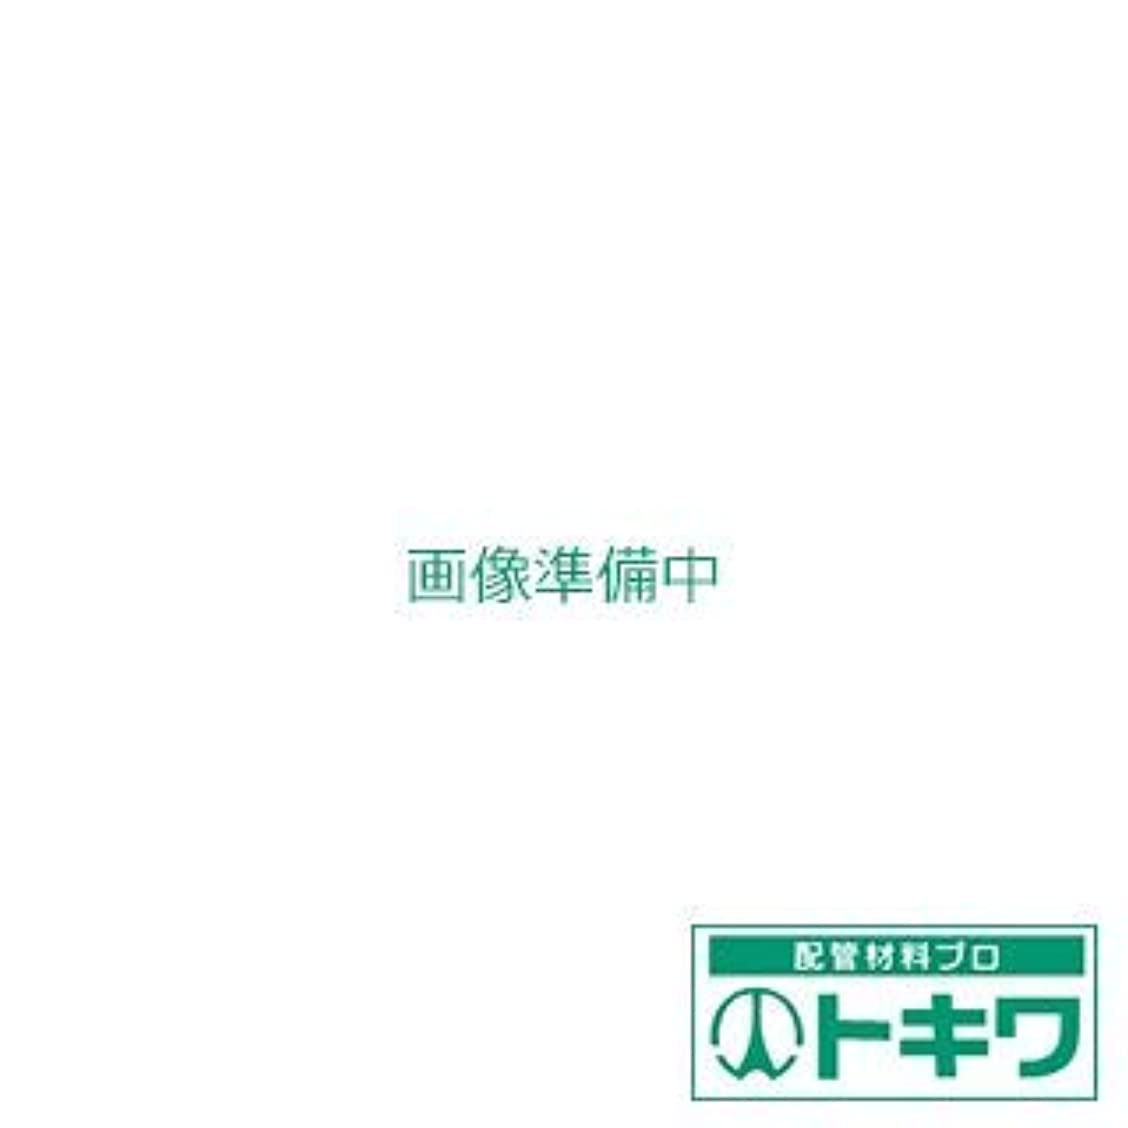 内訳タイル試用アットアロマ エッセンシャルオイル C03クリーンフォレスト 450ML DOOC0345